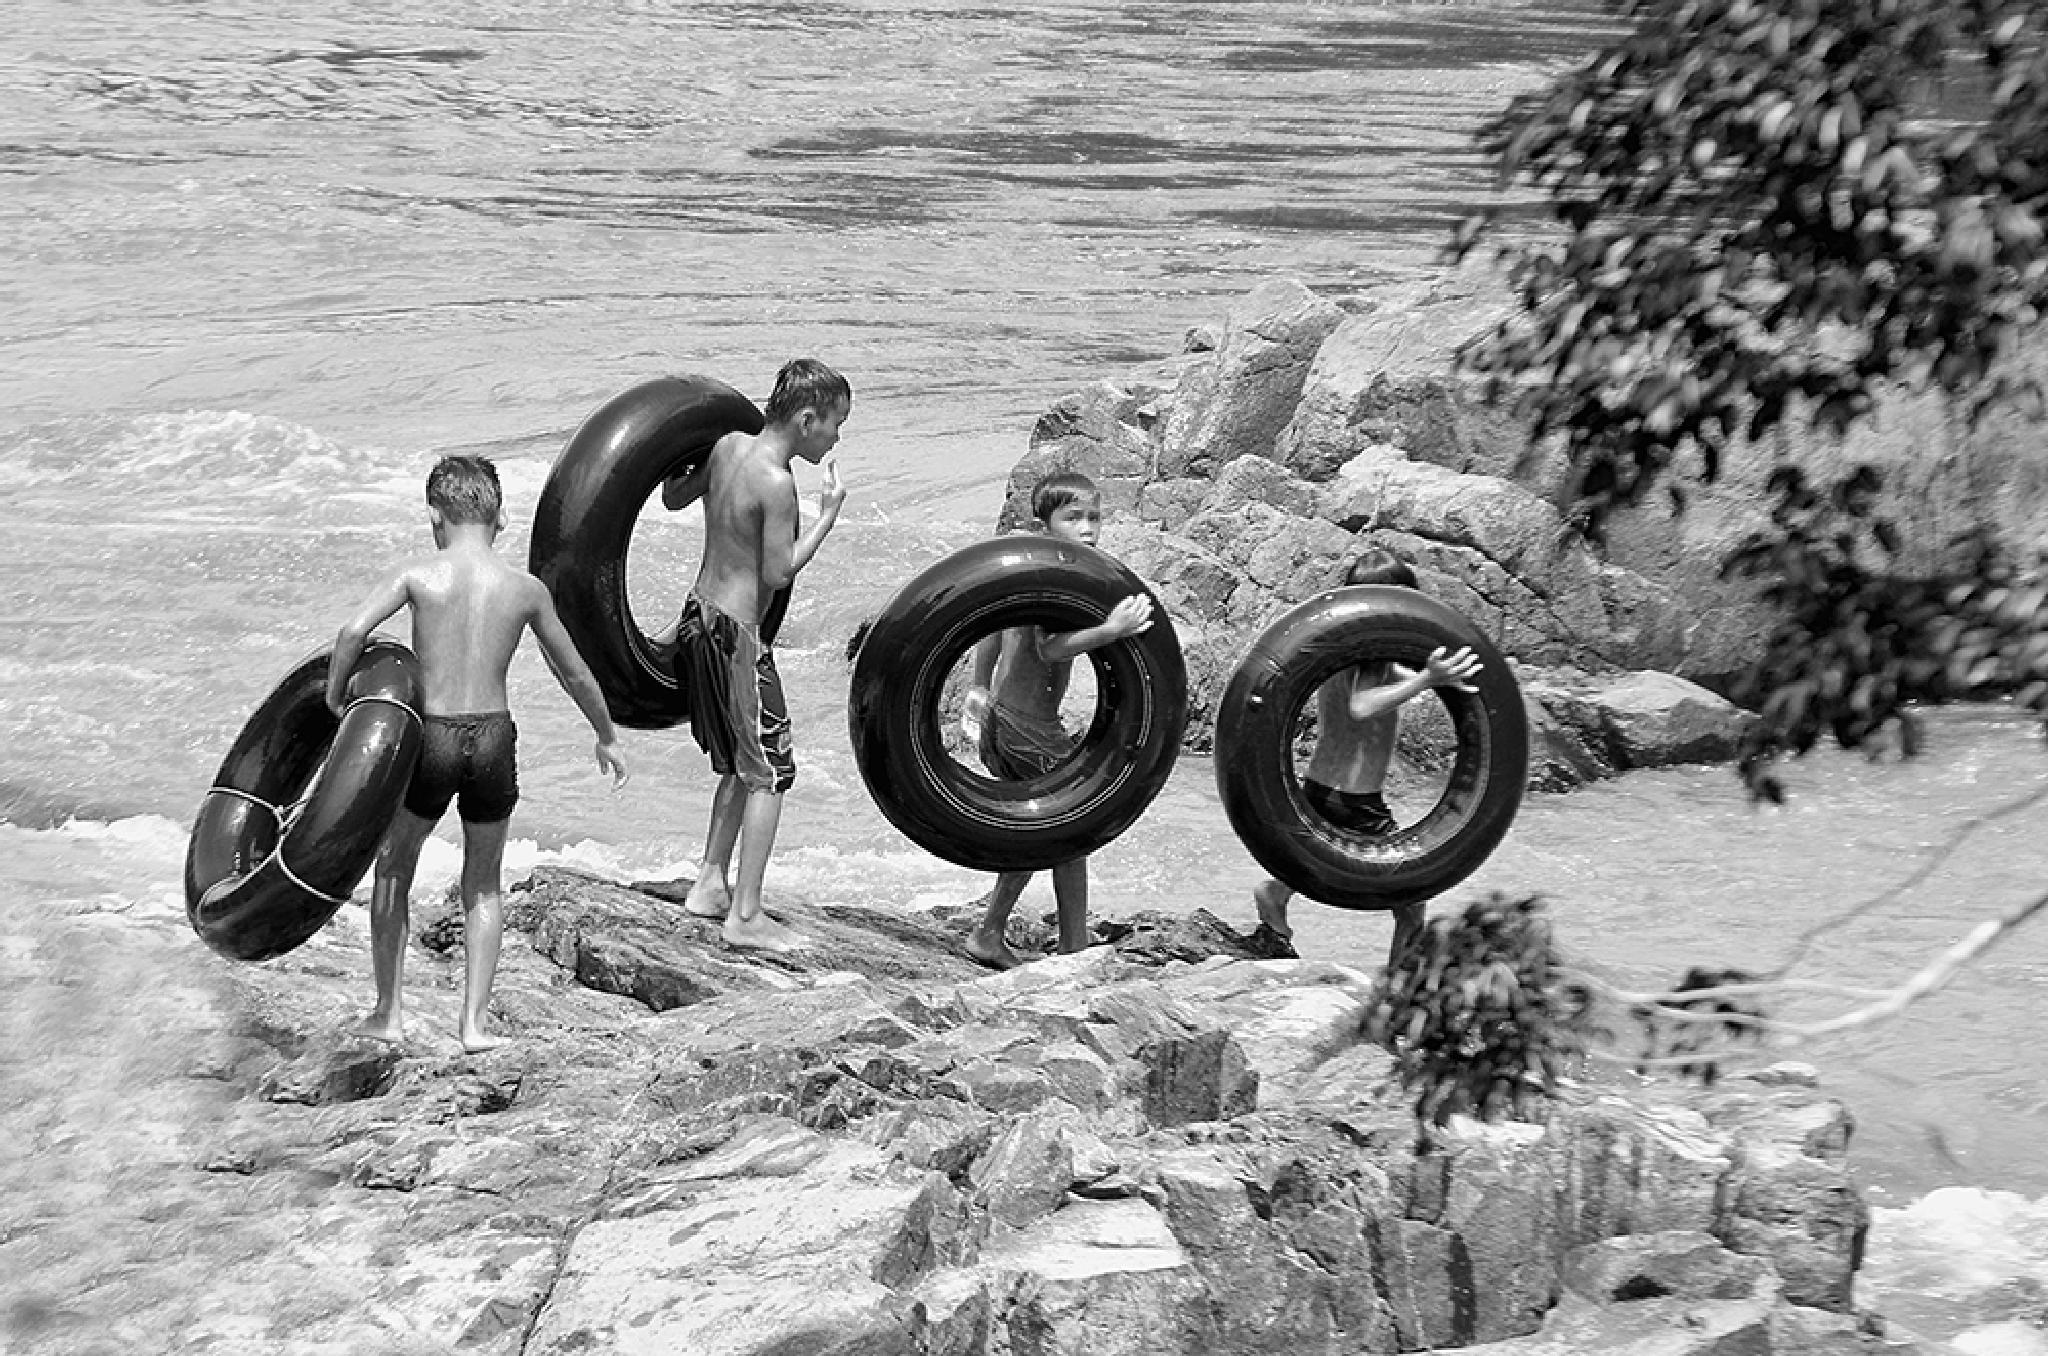 playing tires by MangaloksaHasibuan